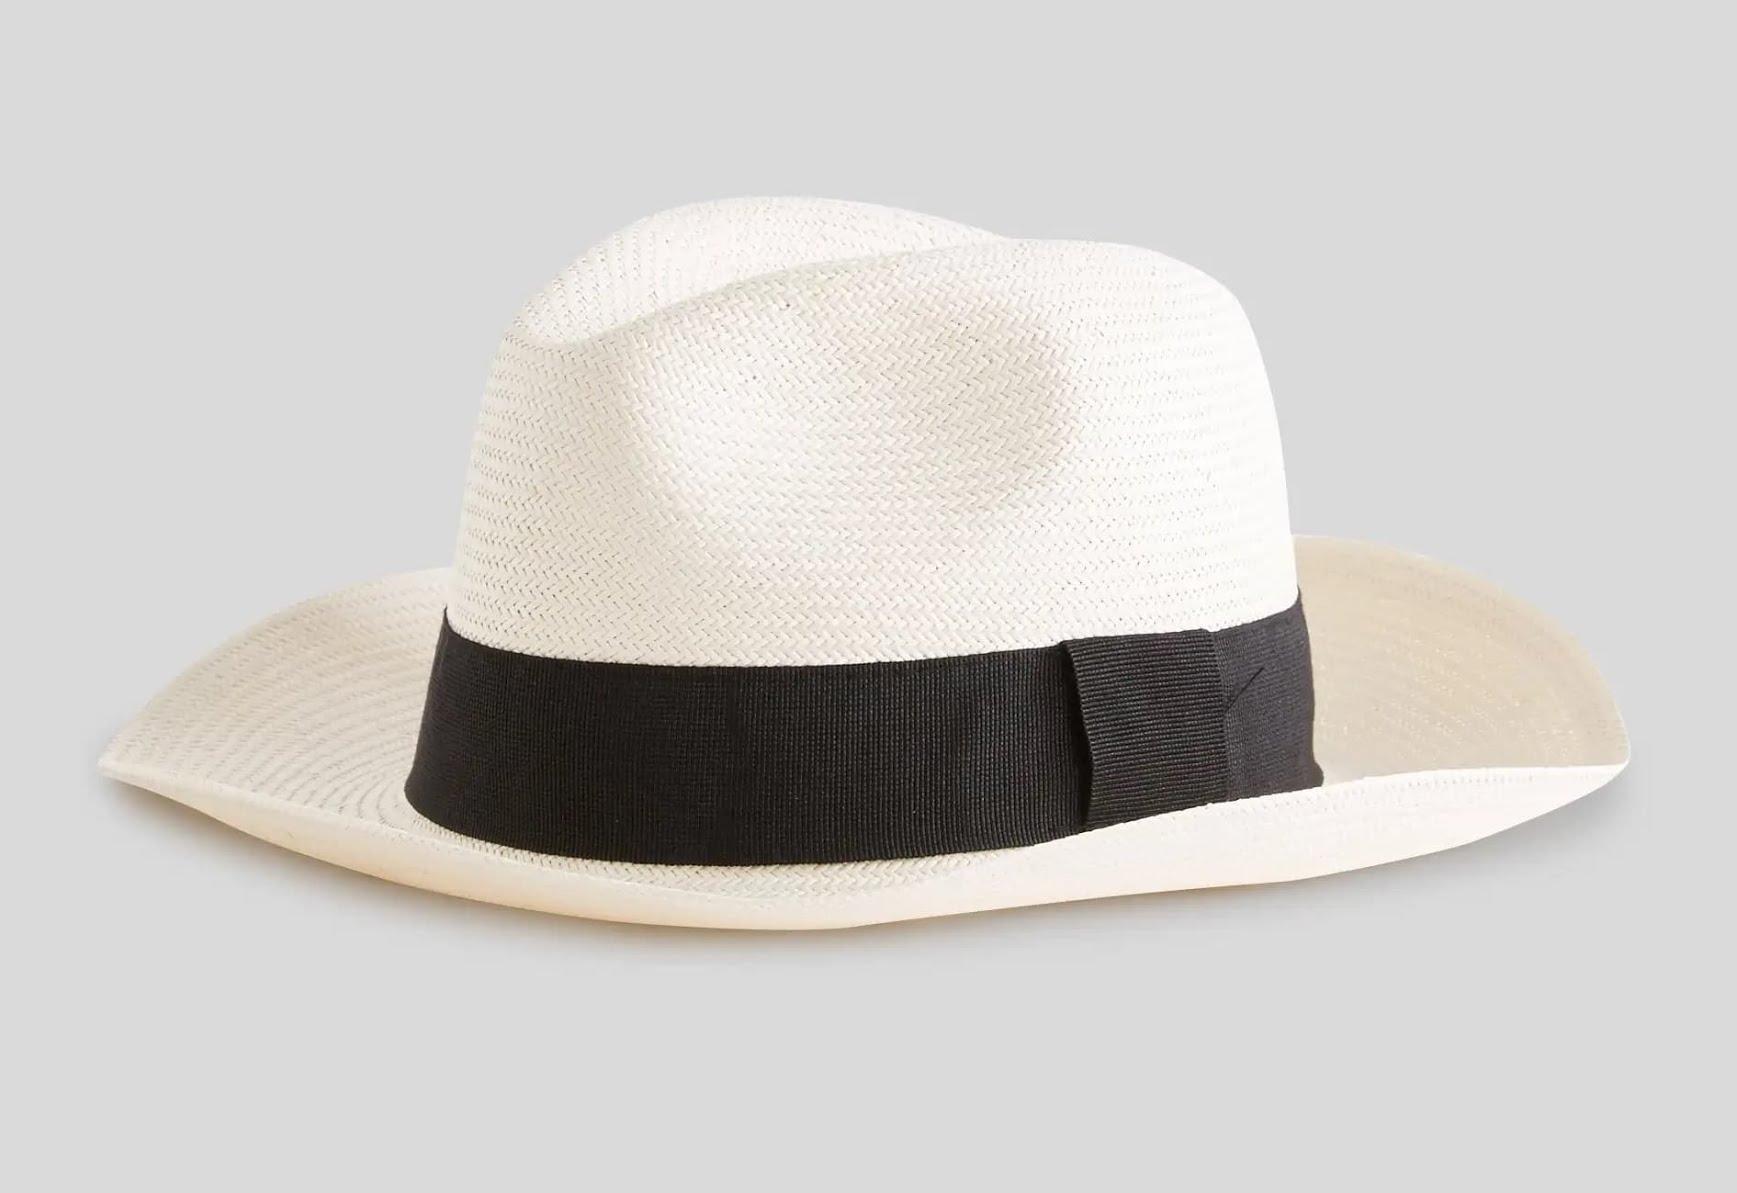 Types de chapeau homme - Panama